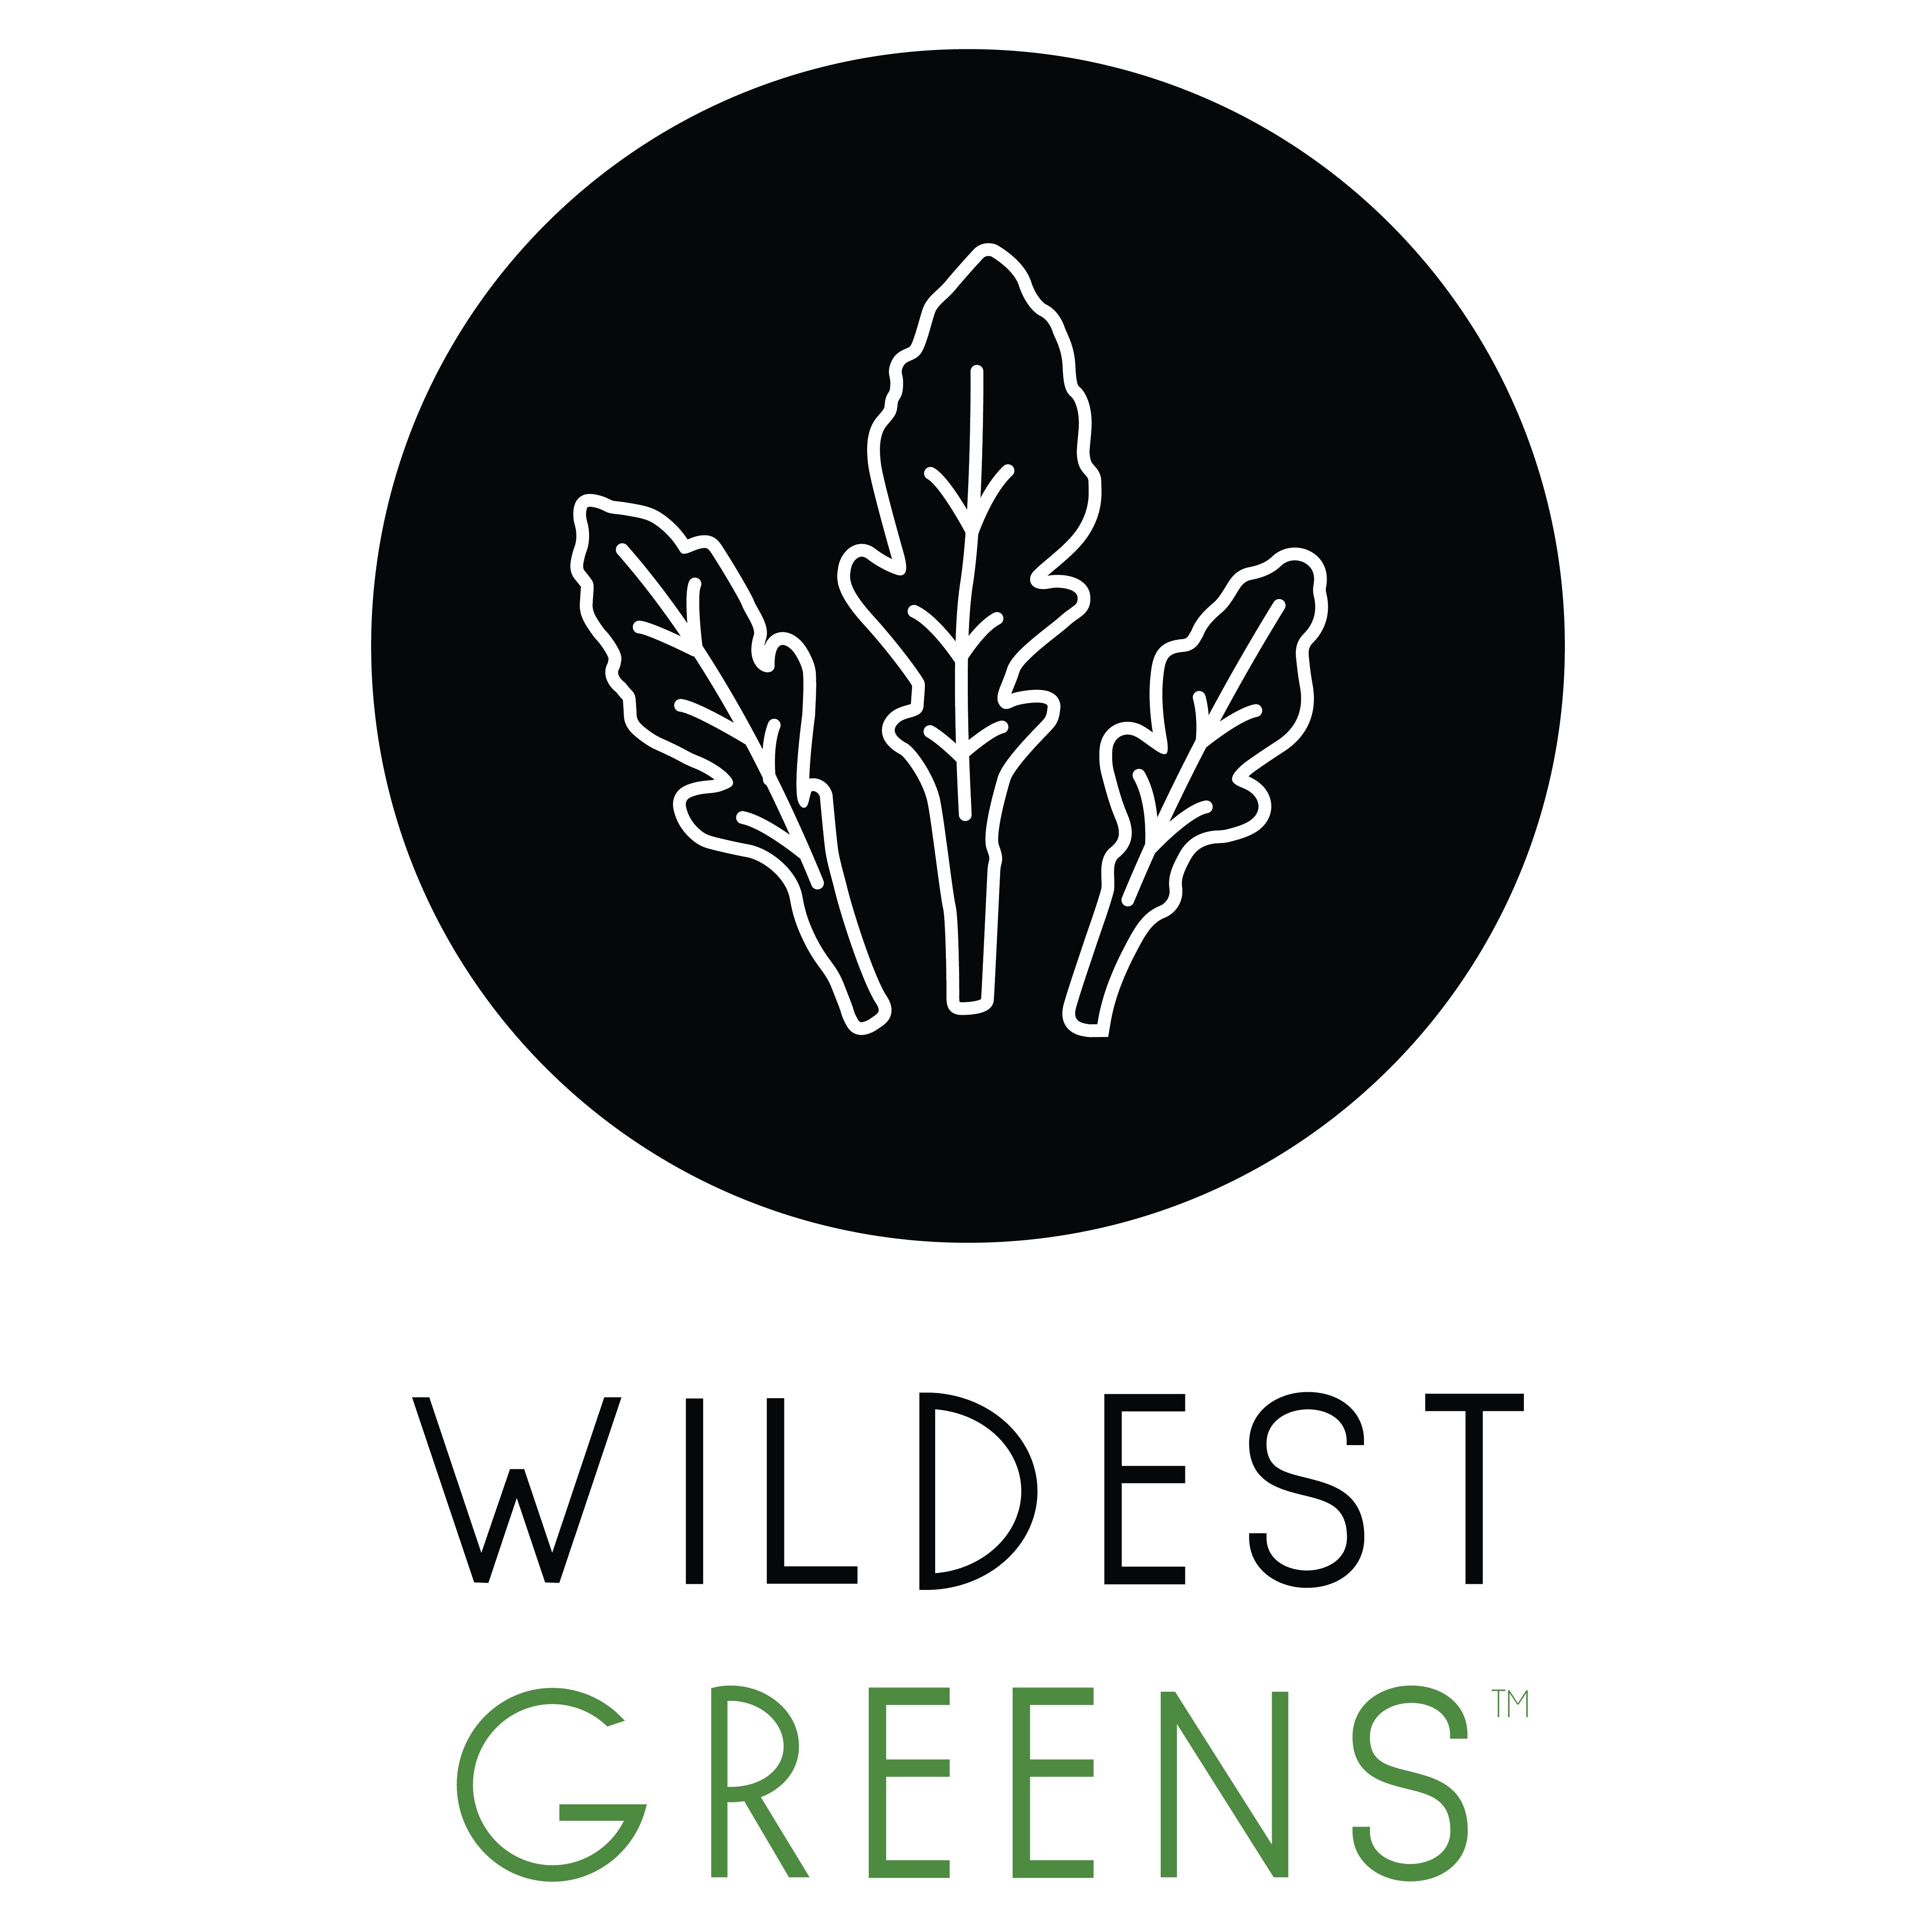 Wildest Greens Organic Restaurant